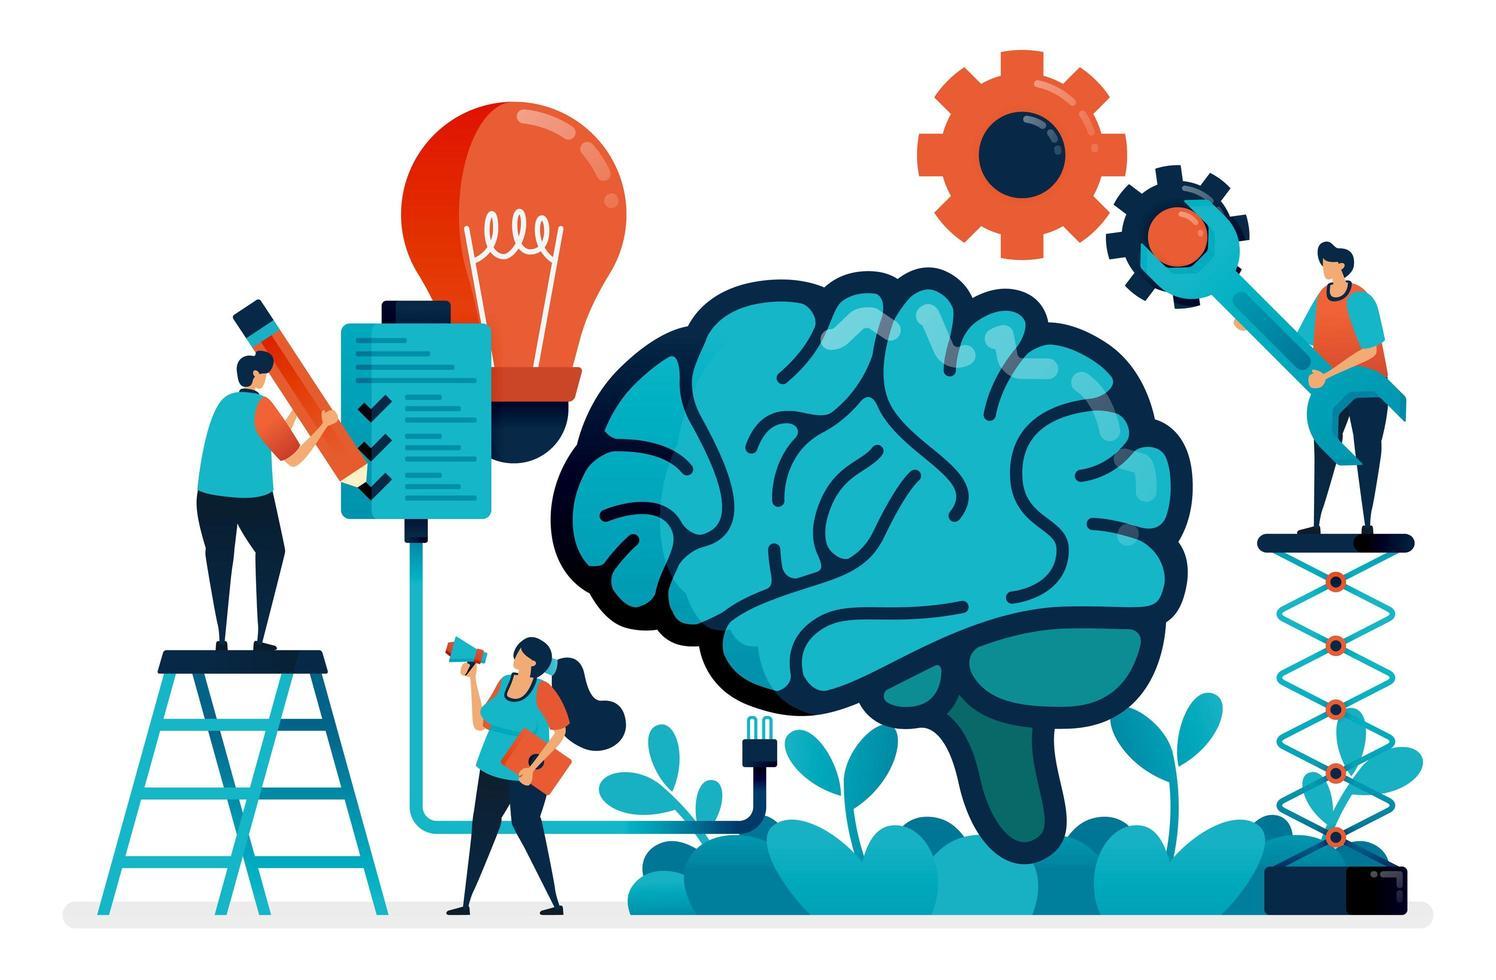 use inteligência artificial para completar tarefas. sistema multitarefa em cérebro artificial. ideias e inspiração na gestão de tarefas. inteligência na resolução de problemas. cartão de visita, banner, folheto, panfleto vetor